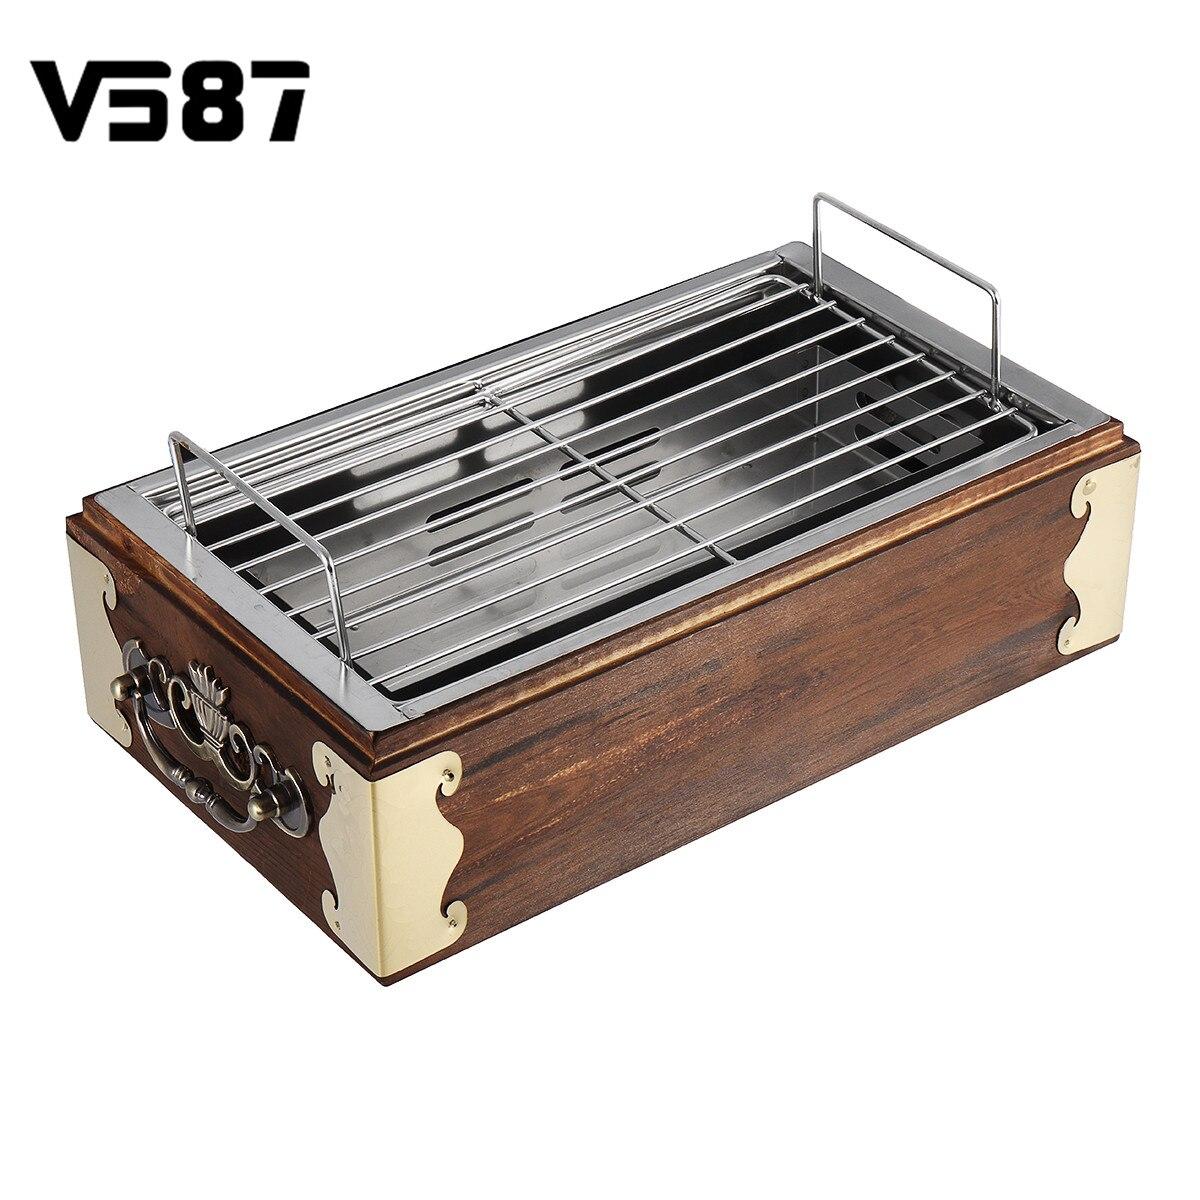 Portable bois acier inoxydable Barbecue Grill alimentaire Barbecue outils de cuisson charbon de bois Barbecue poêle CampingBBQ outils accessoires de cuisine